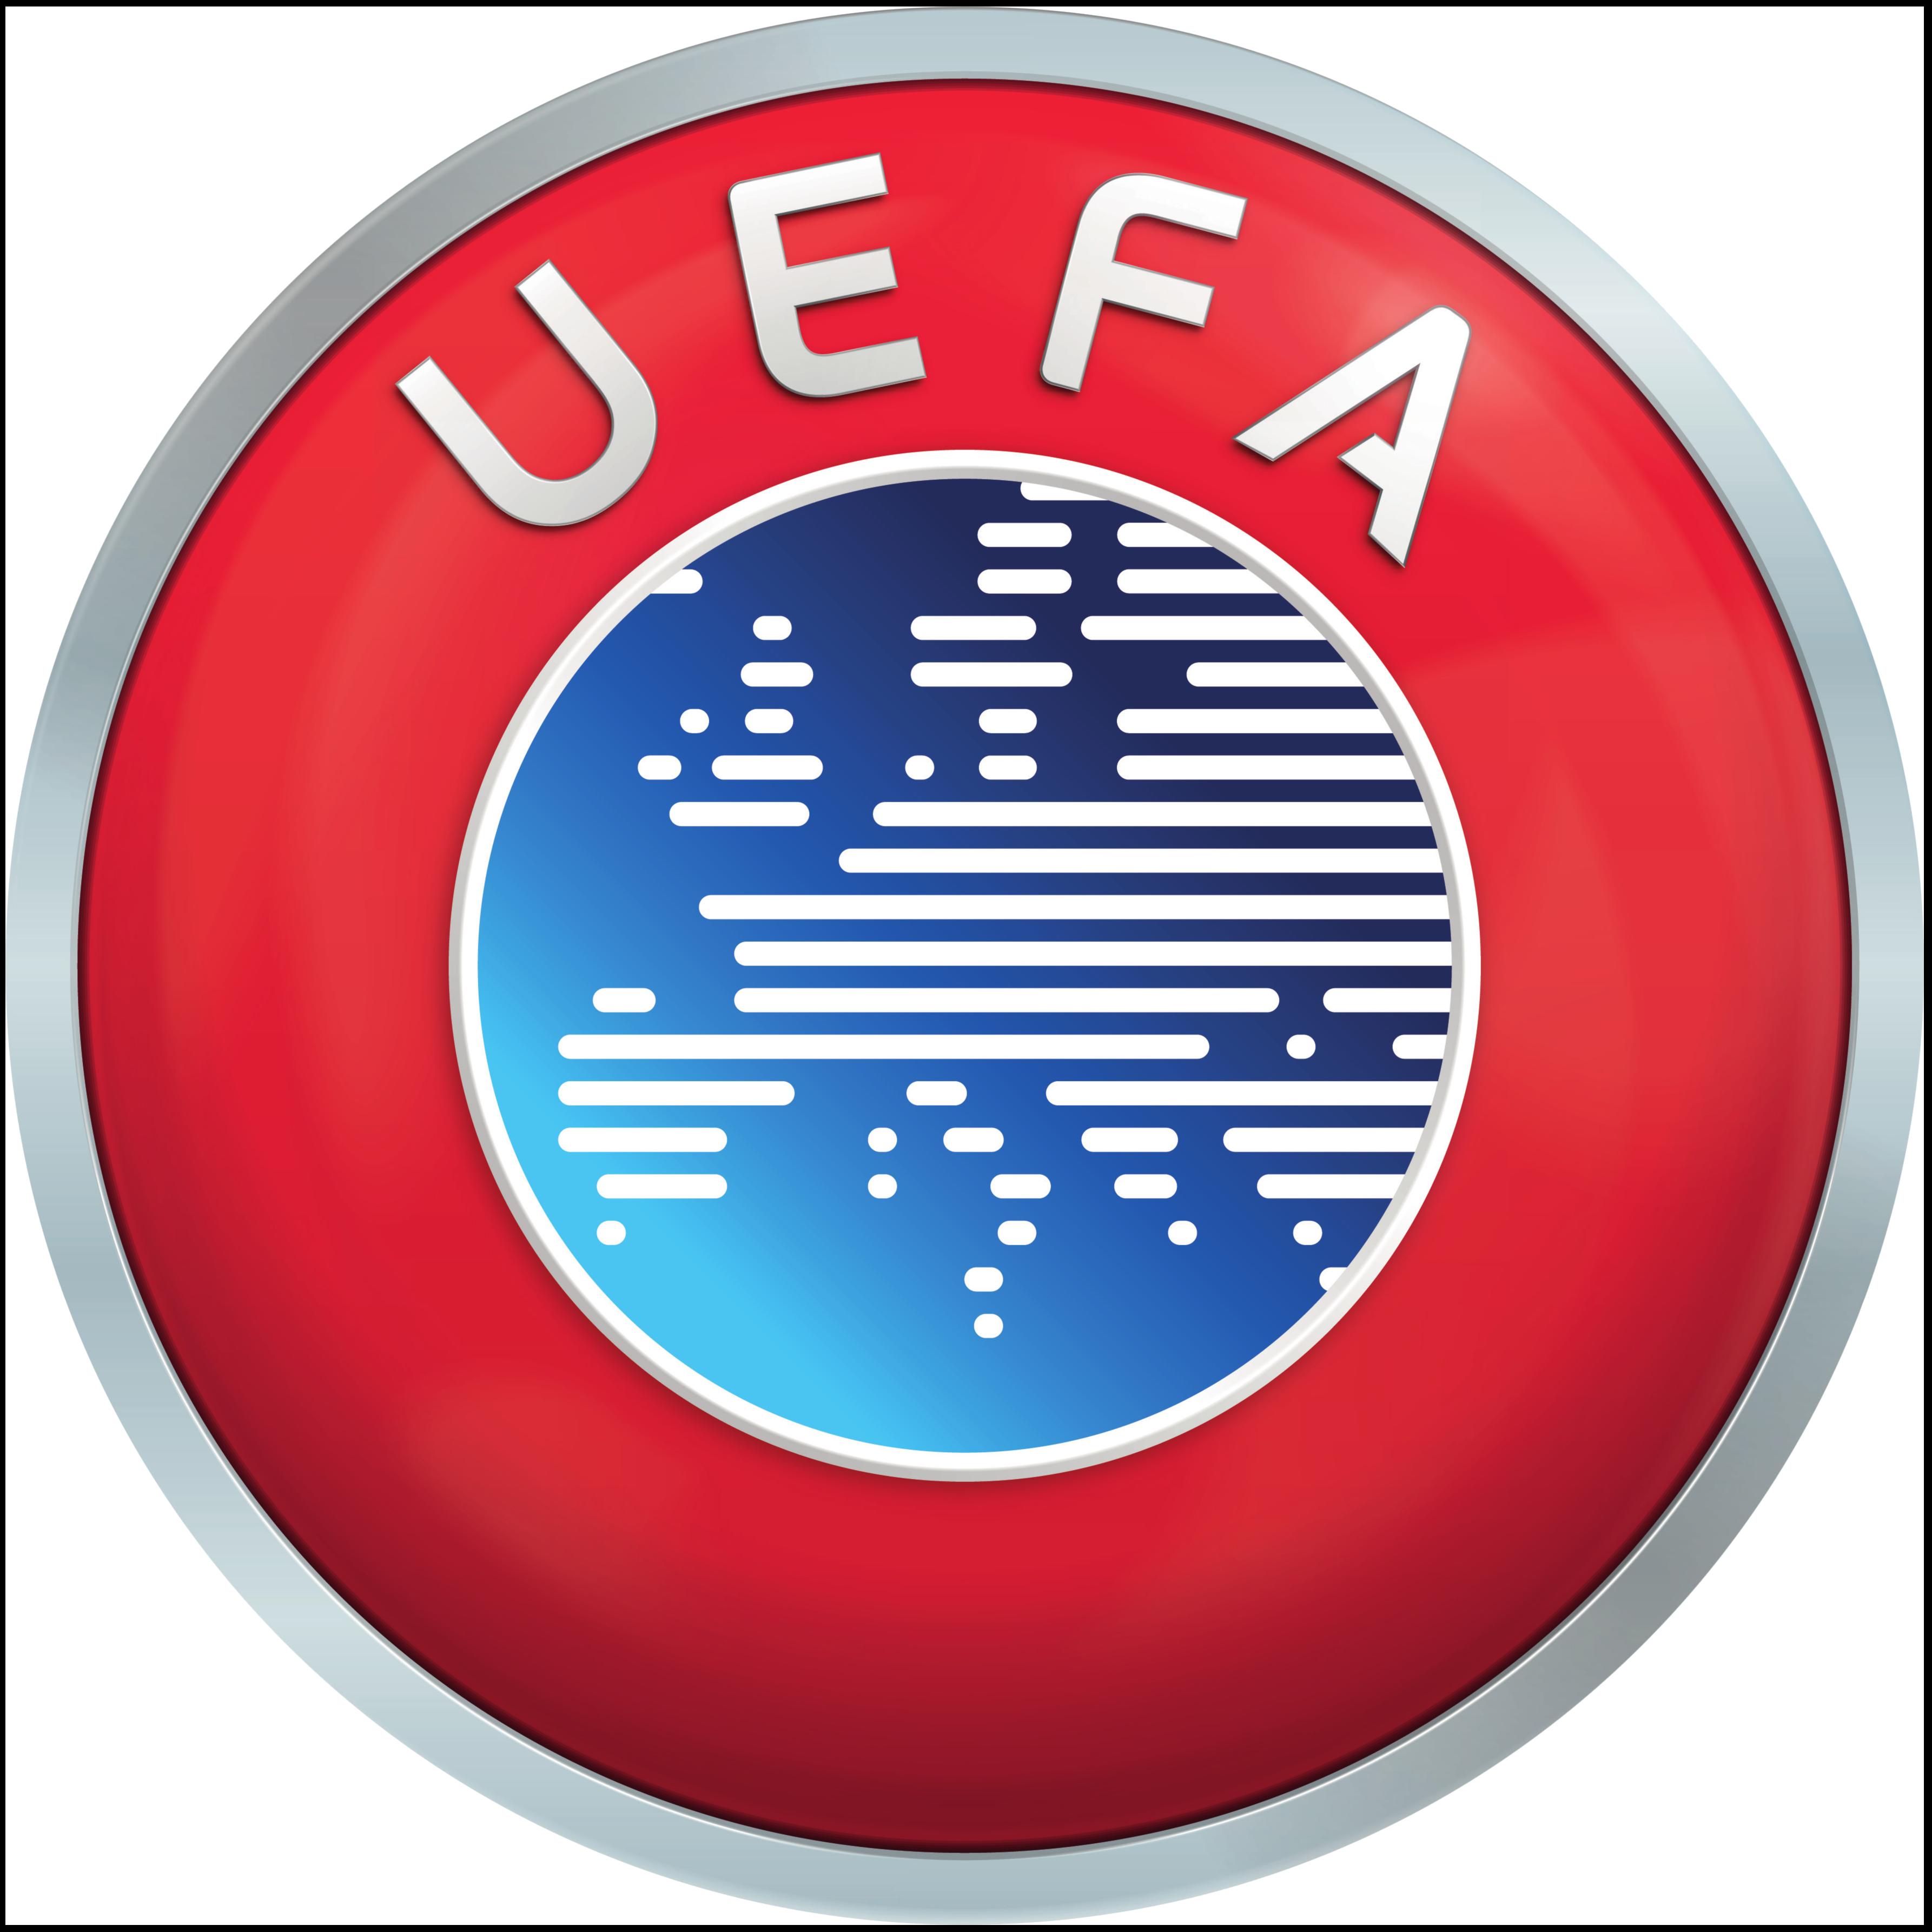 Fussball Europameisterschaft Wikipedia